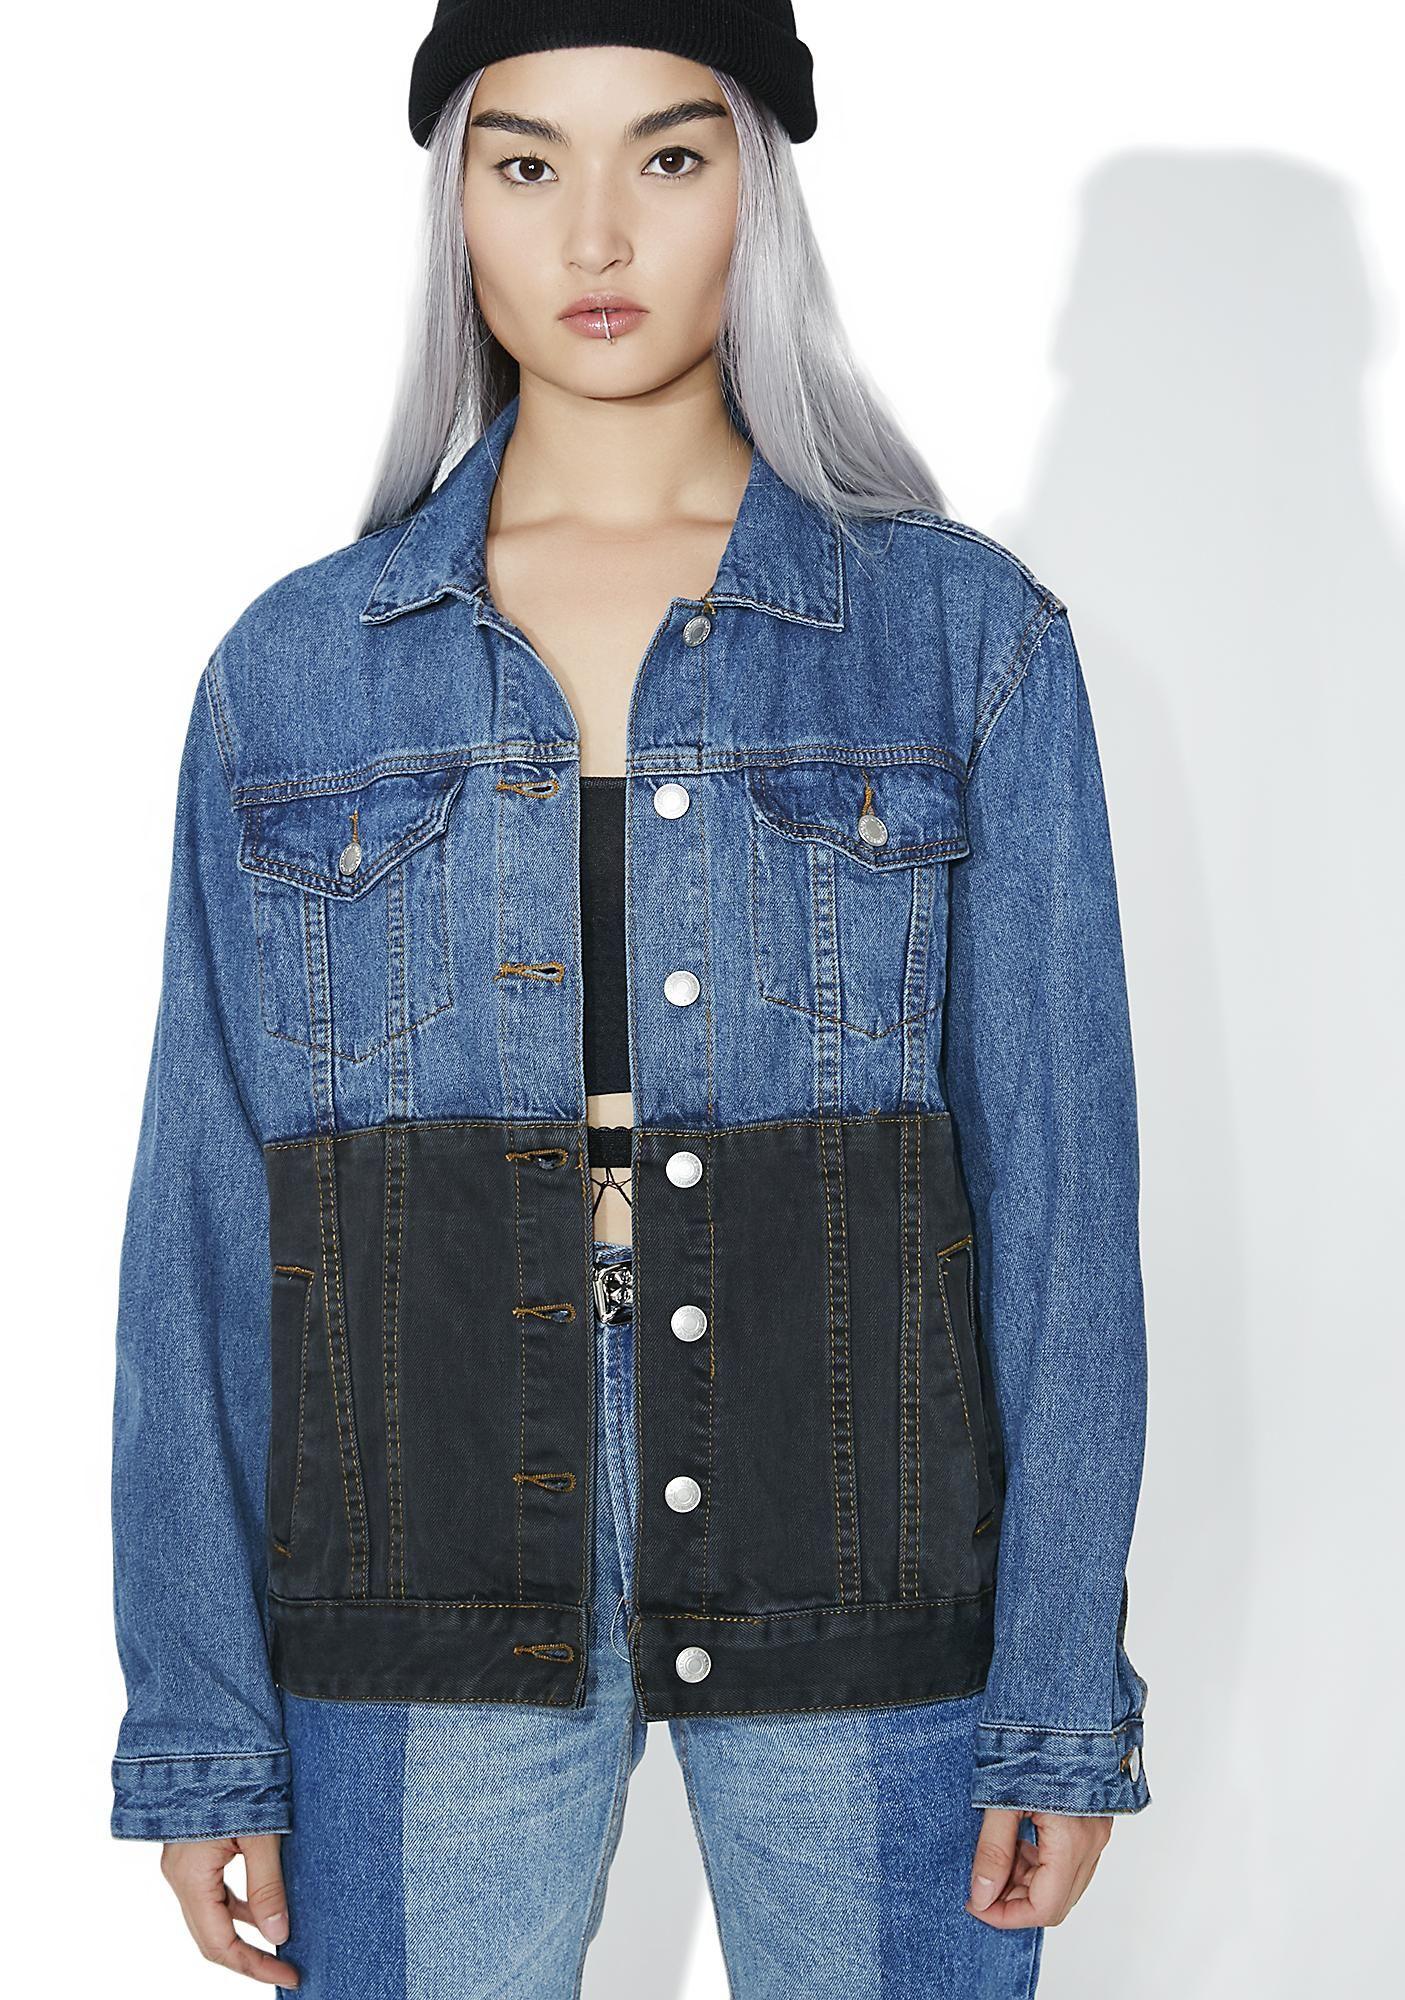 Black N Blue Denim Jacket Blue Denim Jacket Denim Jacket Clothes Design [ 2000 x 1405 Pixel ]